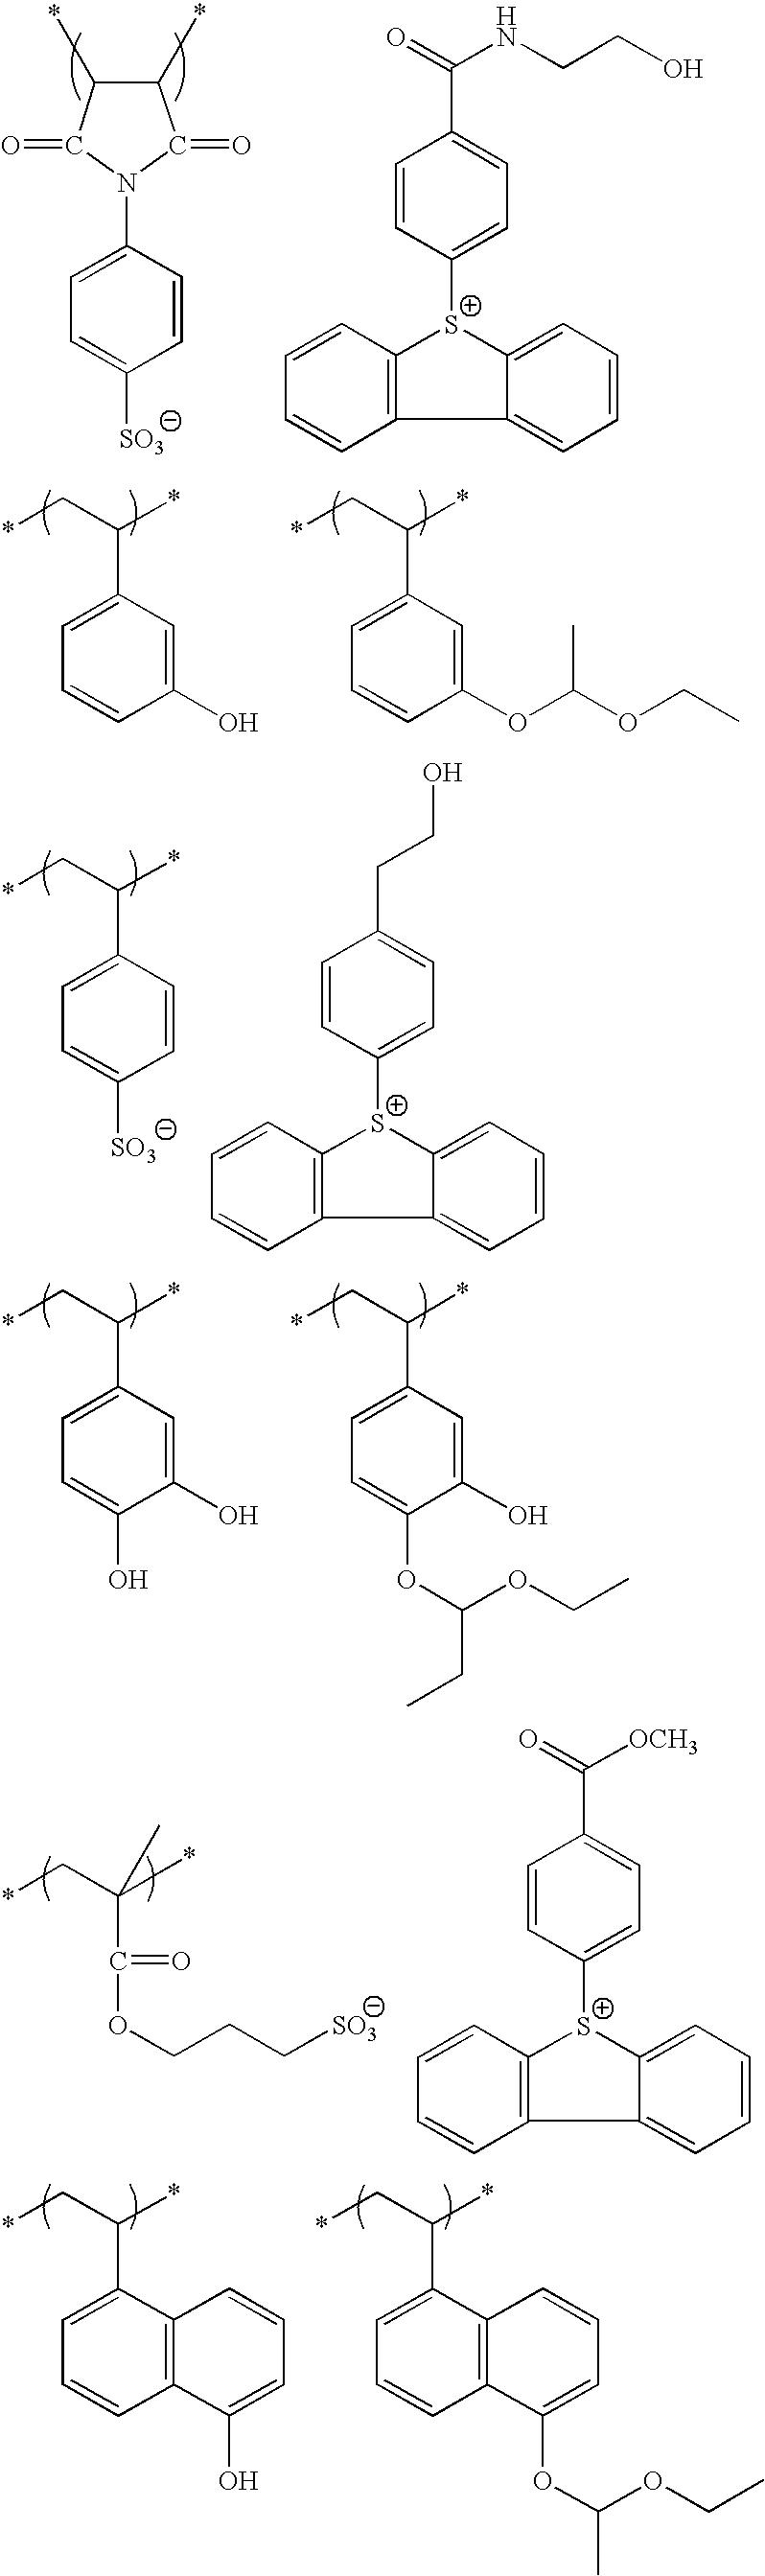 Figure US08852845-20141007-C00181